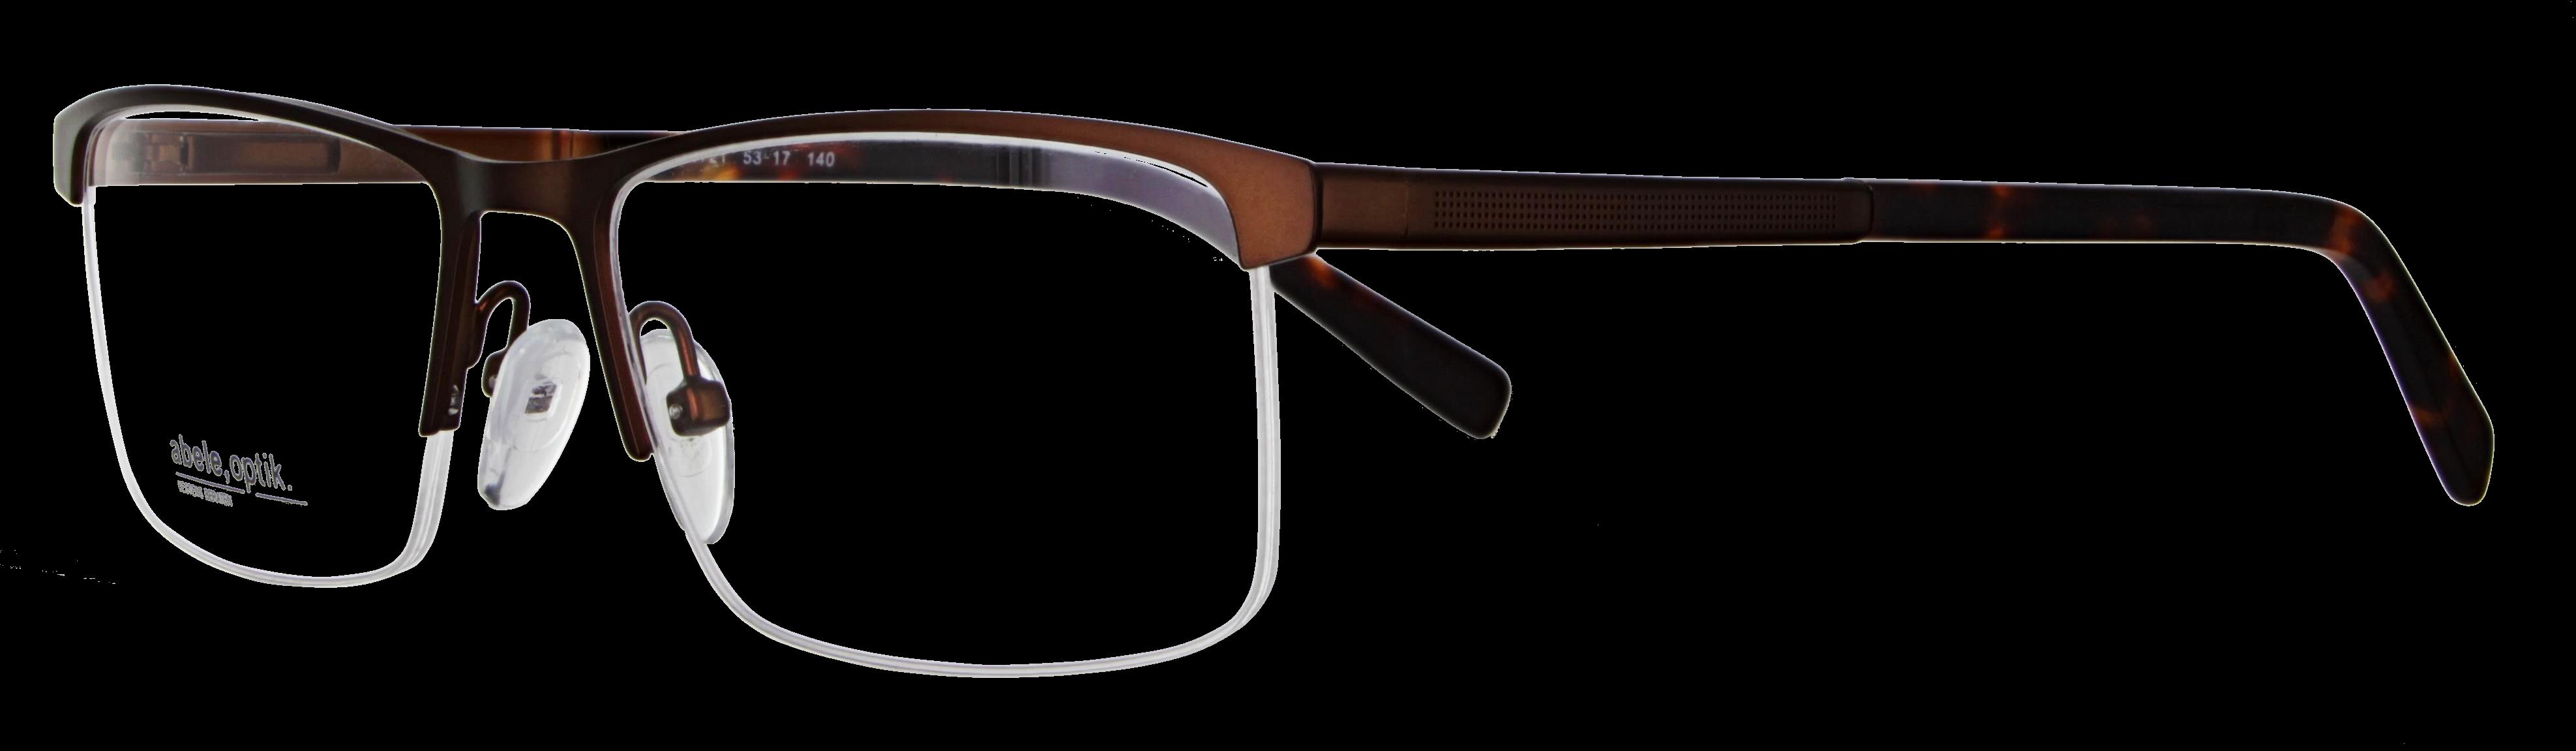 abele optik Brille 136721